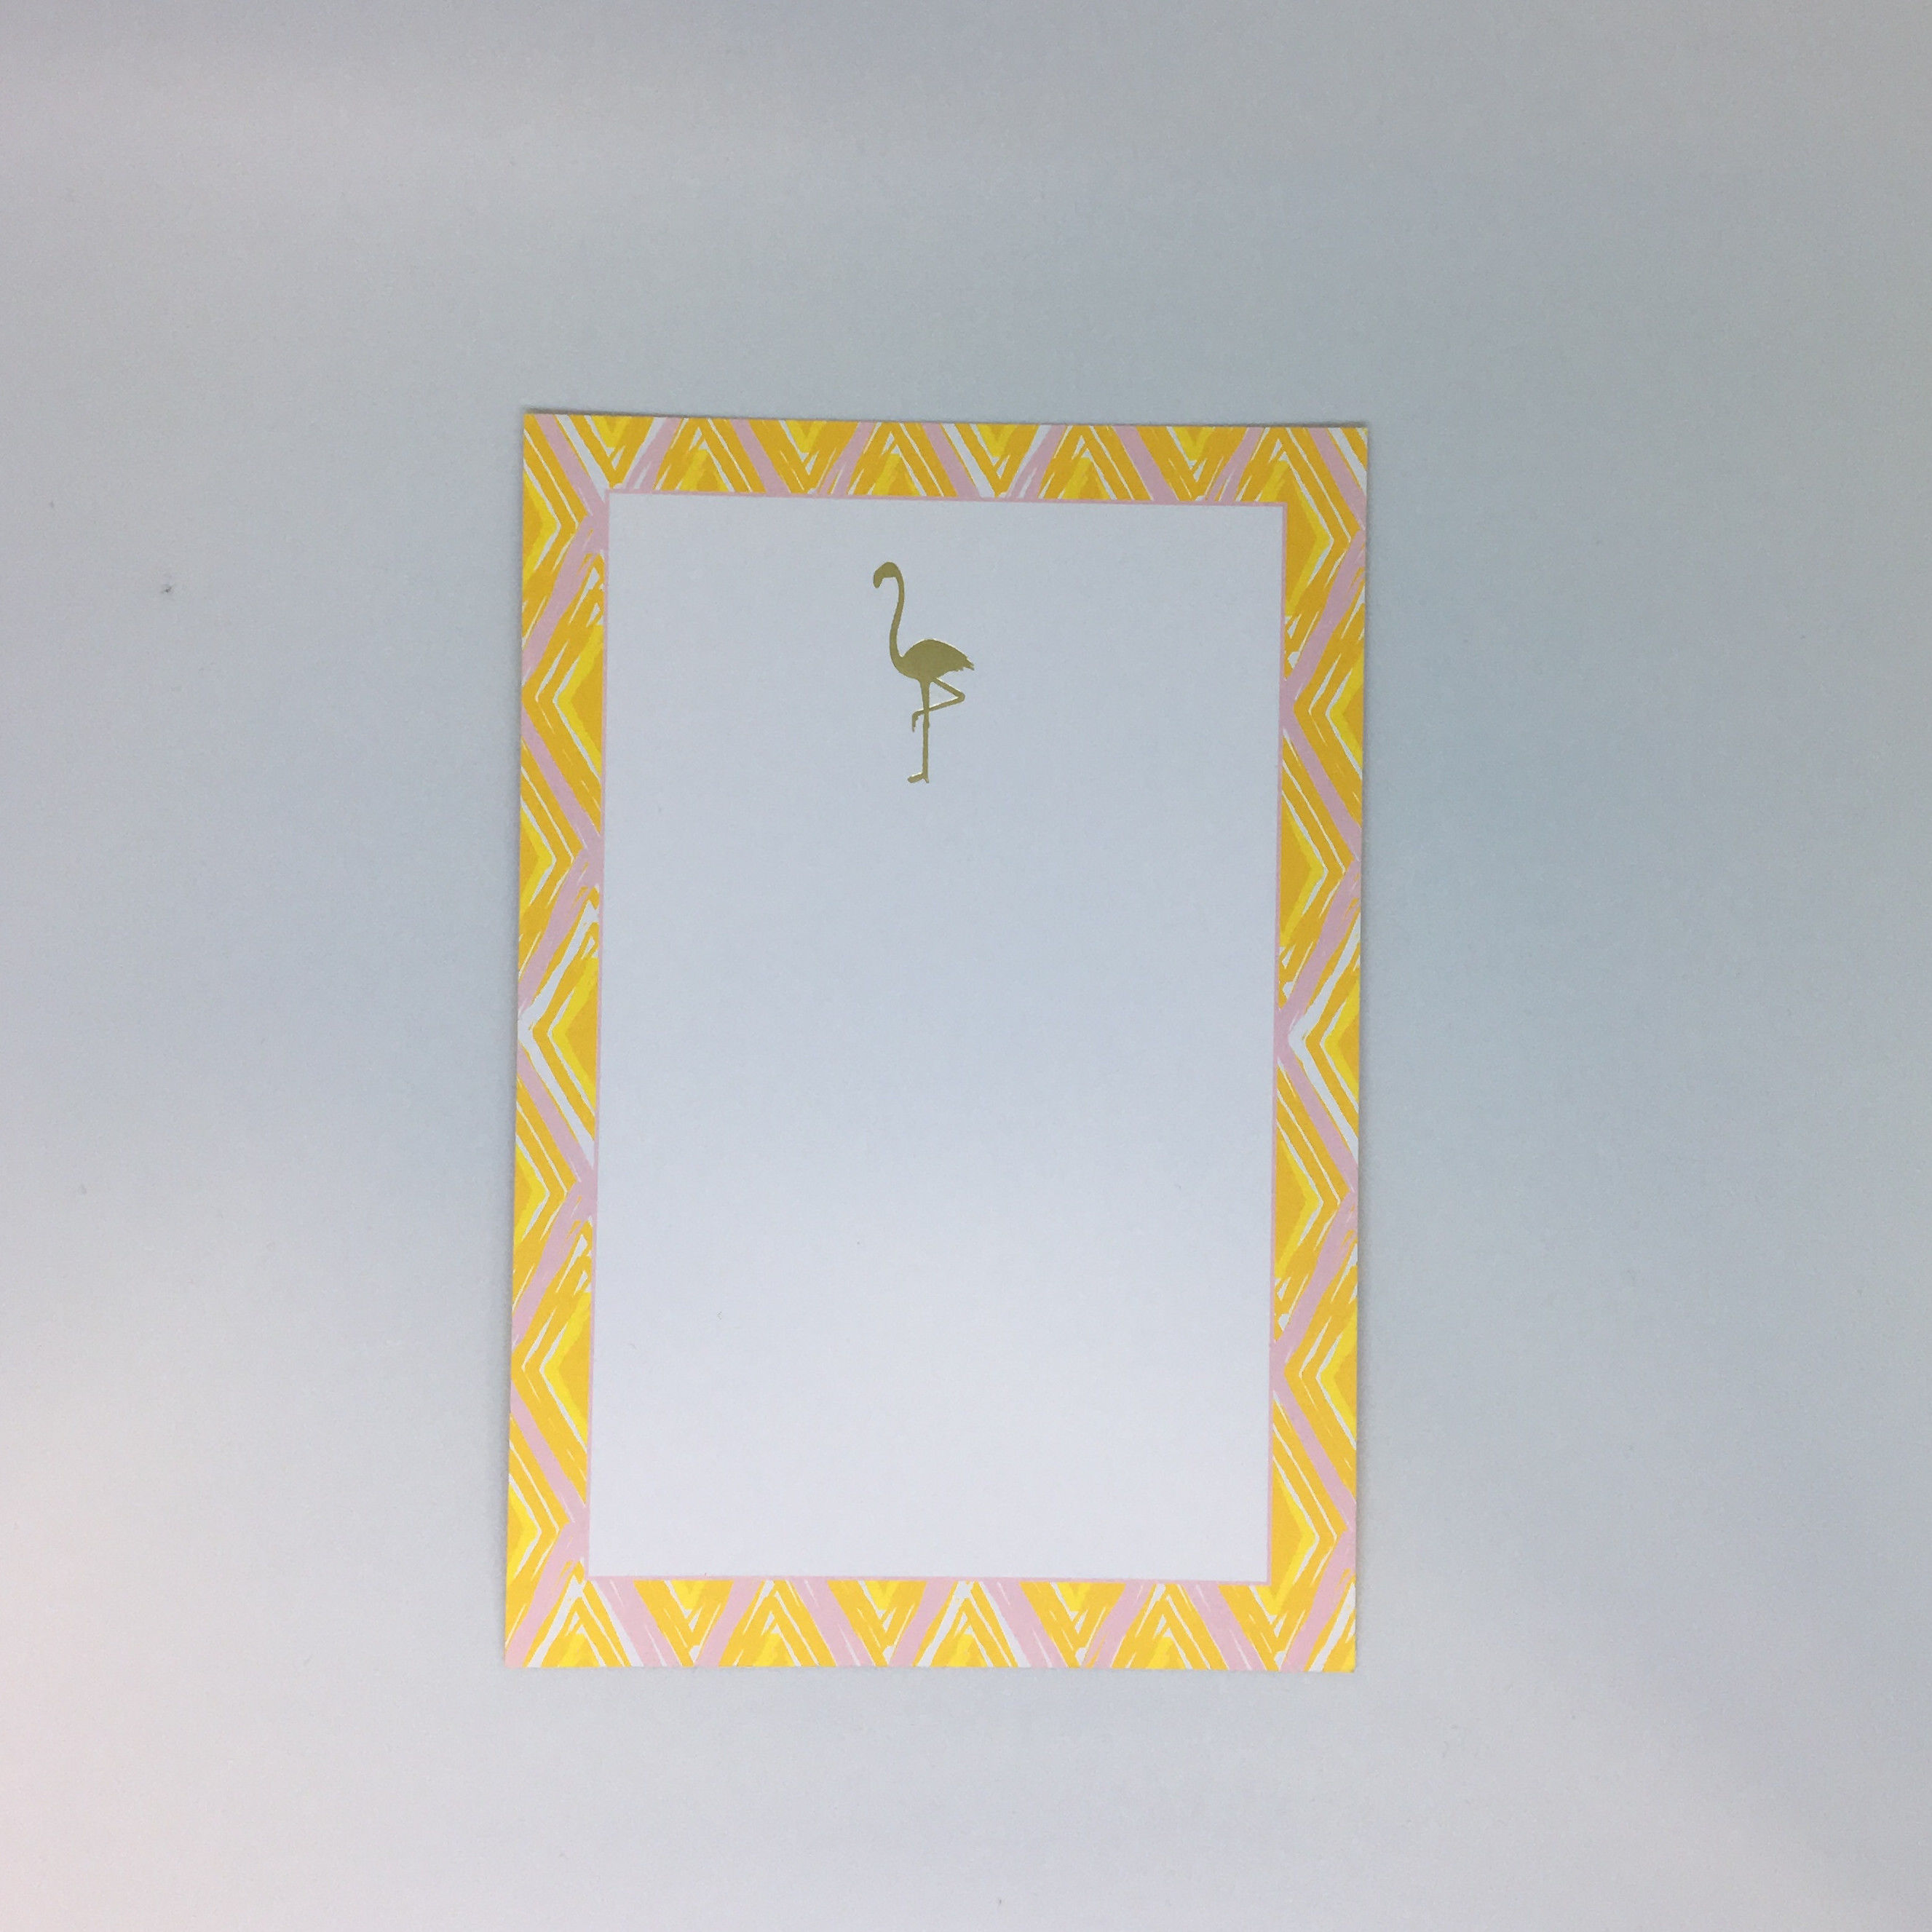 インビテーションカード(封筒付き)FLAMINGO